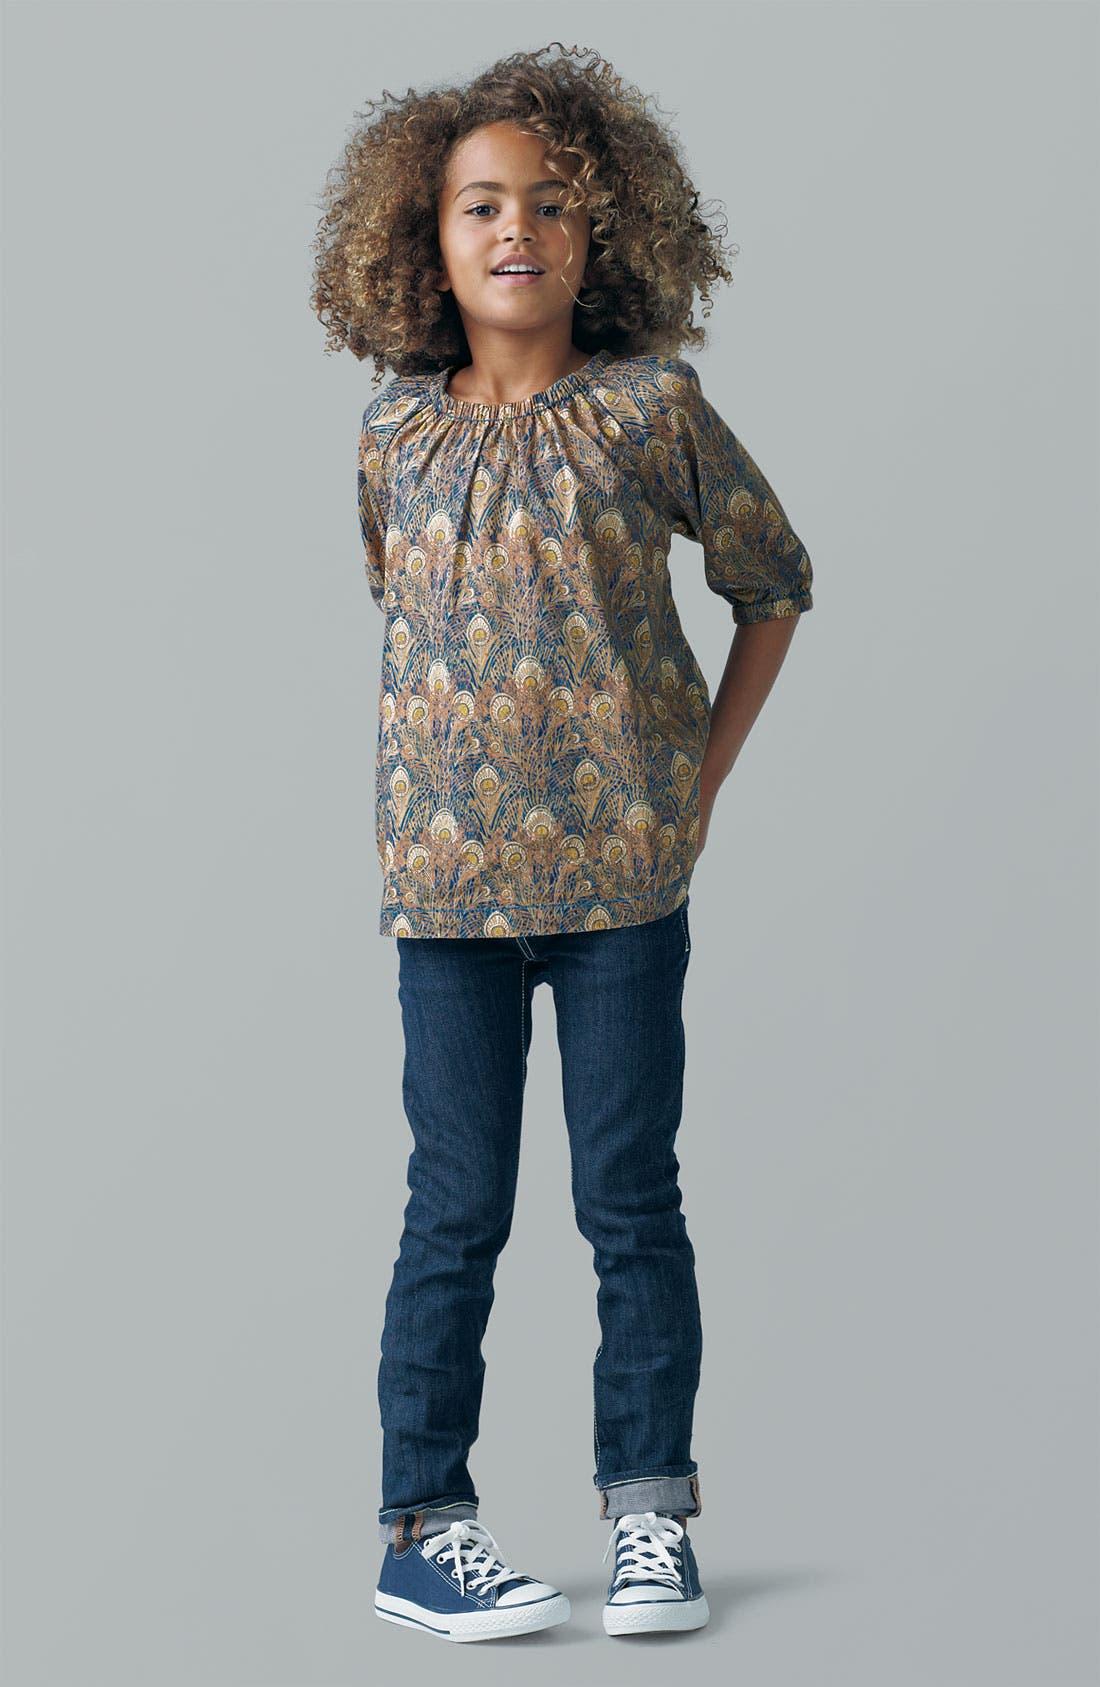 Main Image - Peek Top & Jeans (Toddler, Little Girls & Big Girls)